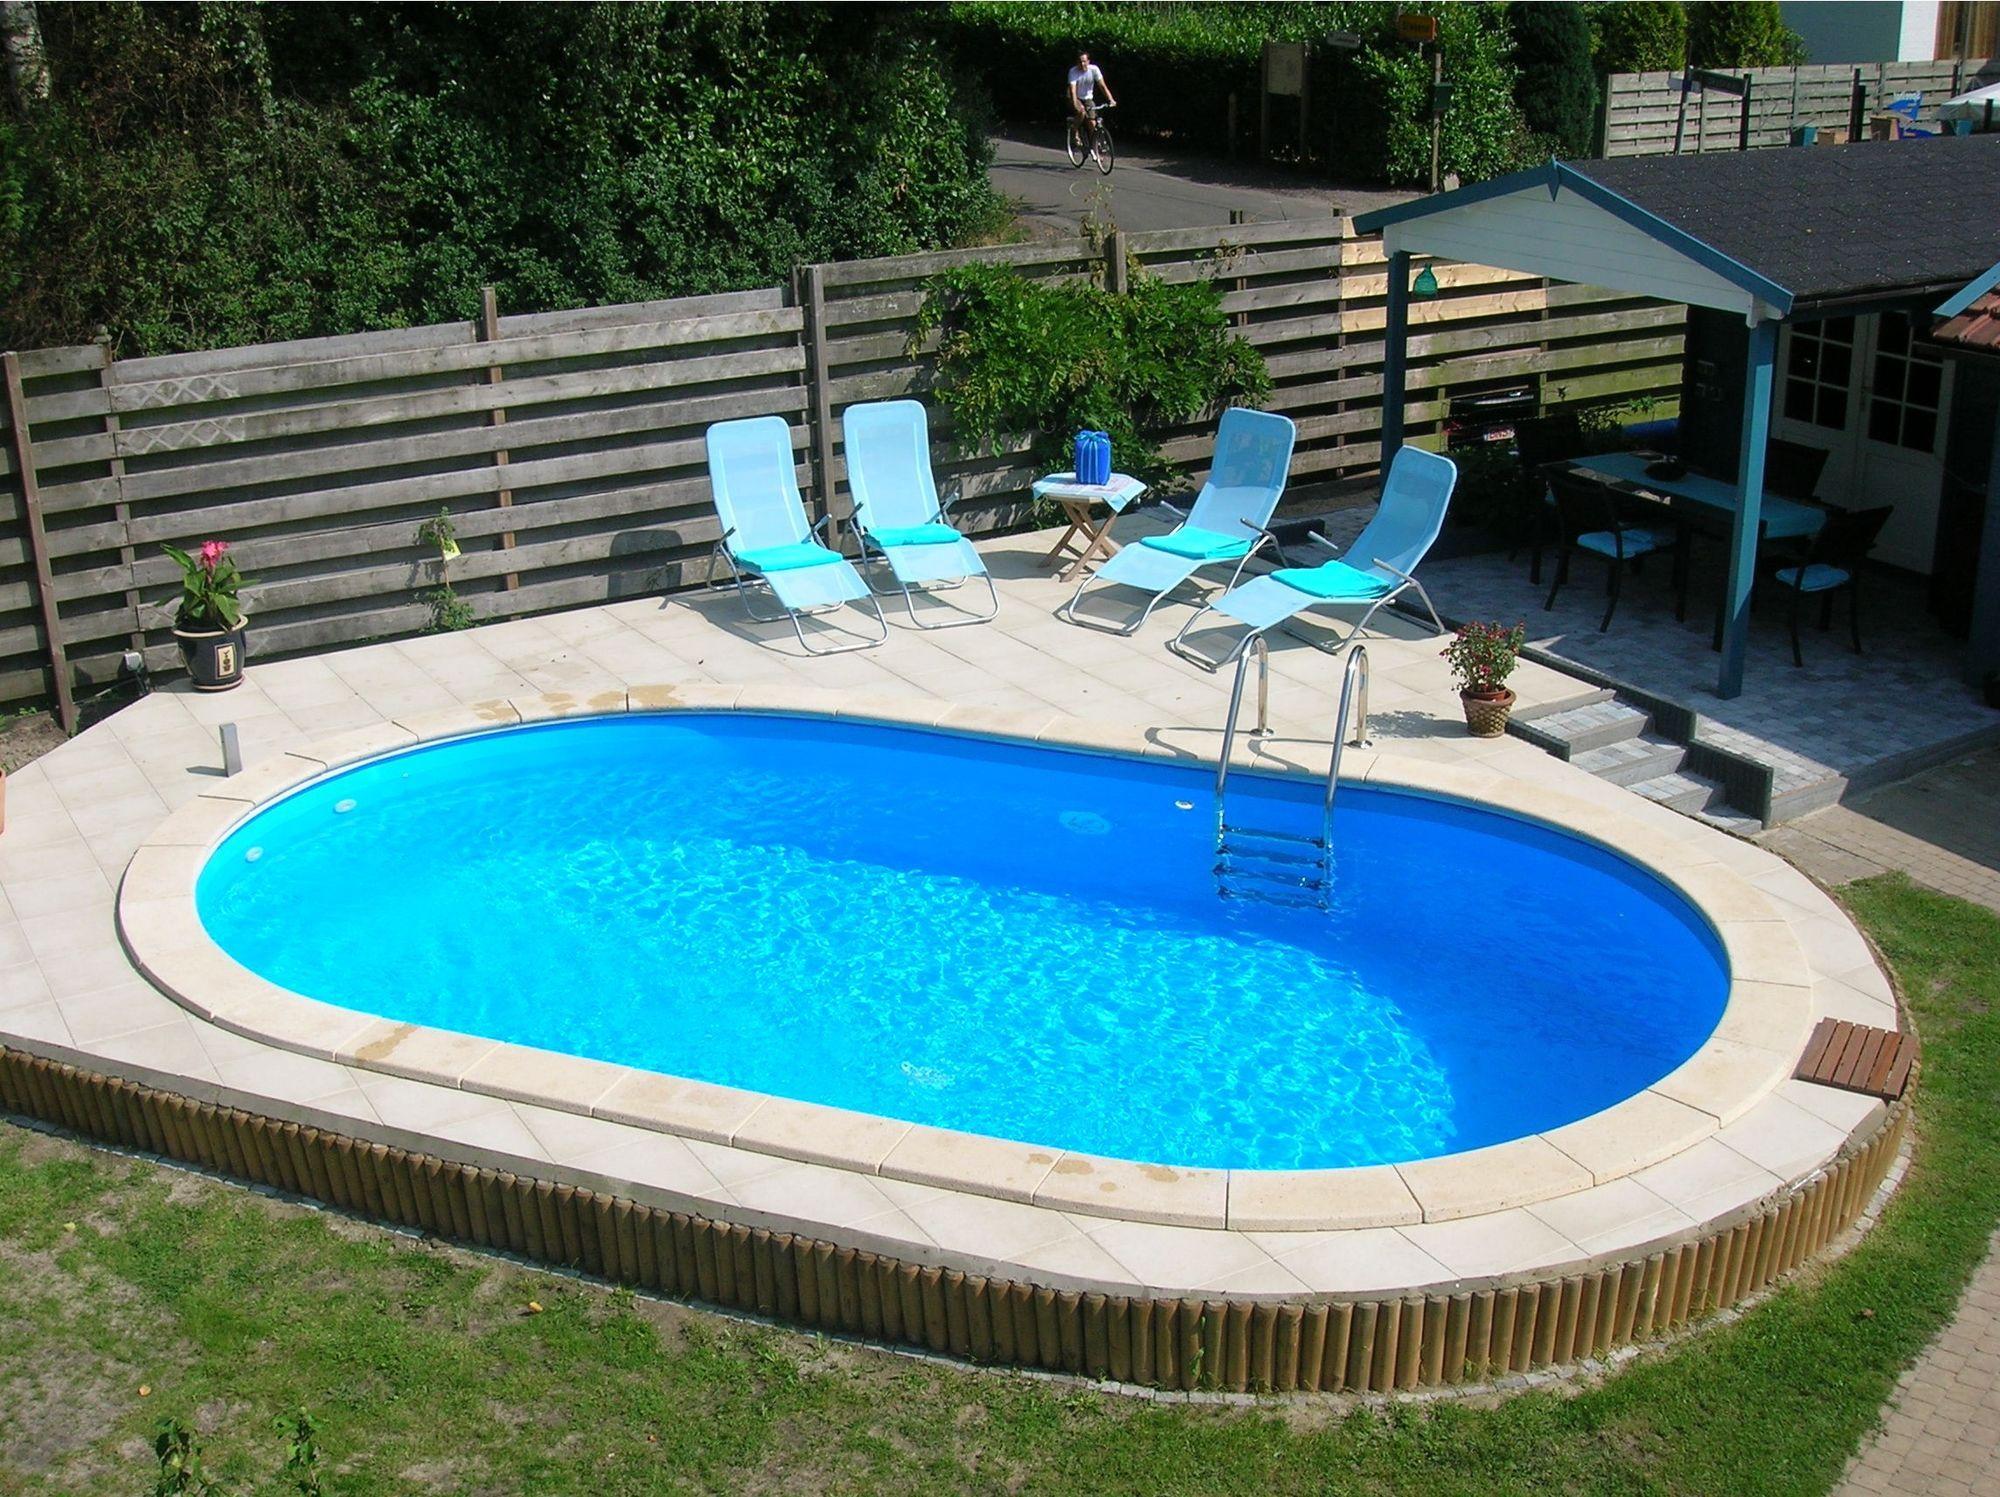 Afbeelding van Happy Pool Ovaal Metalen Zwembad 486 x 250 cm (hoogte 150cm)